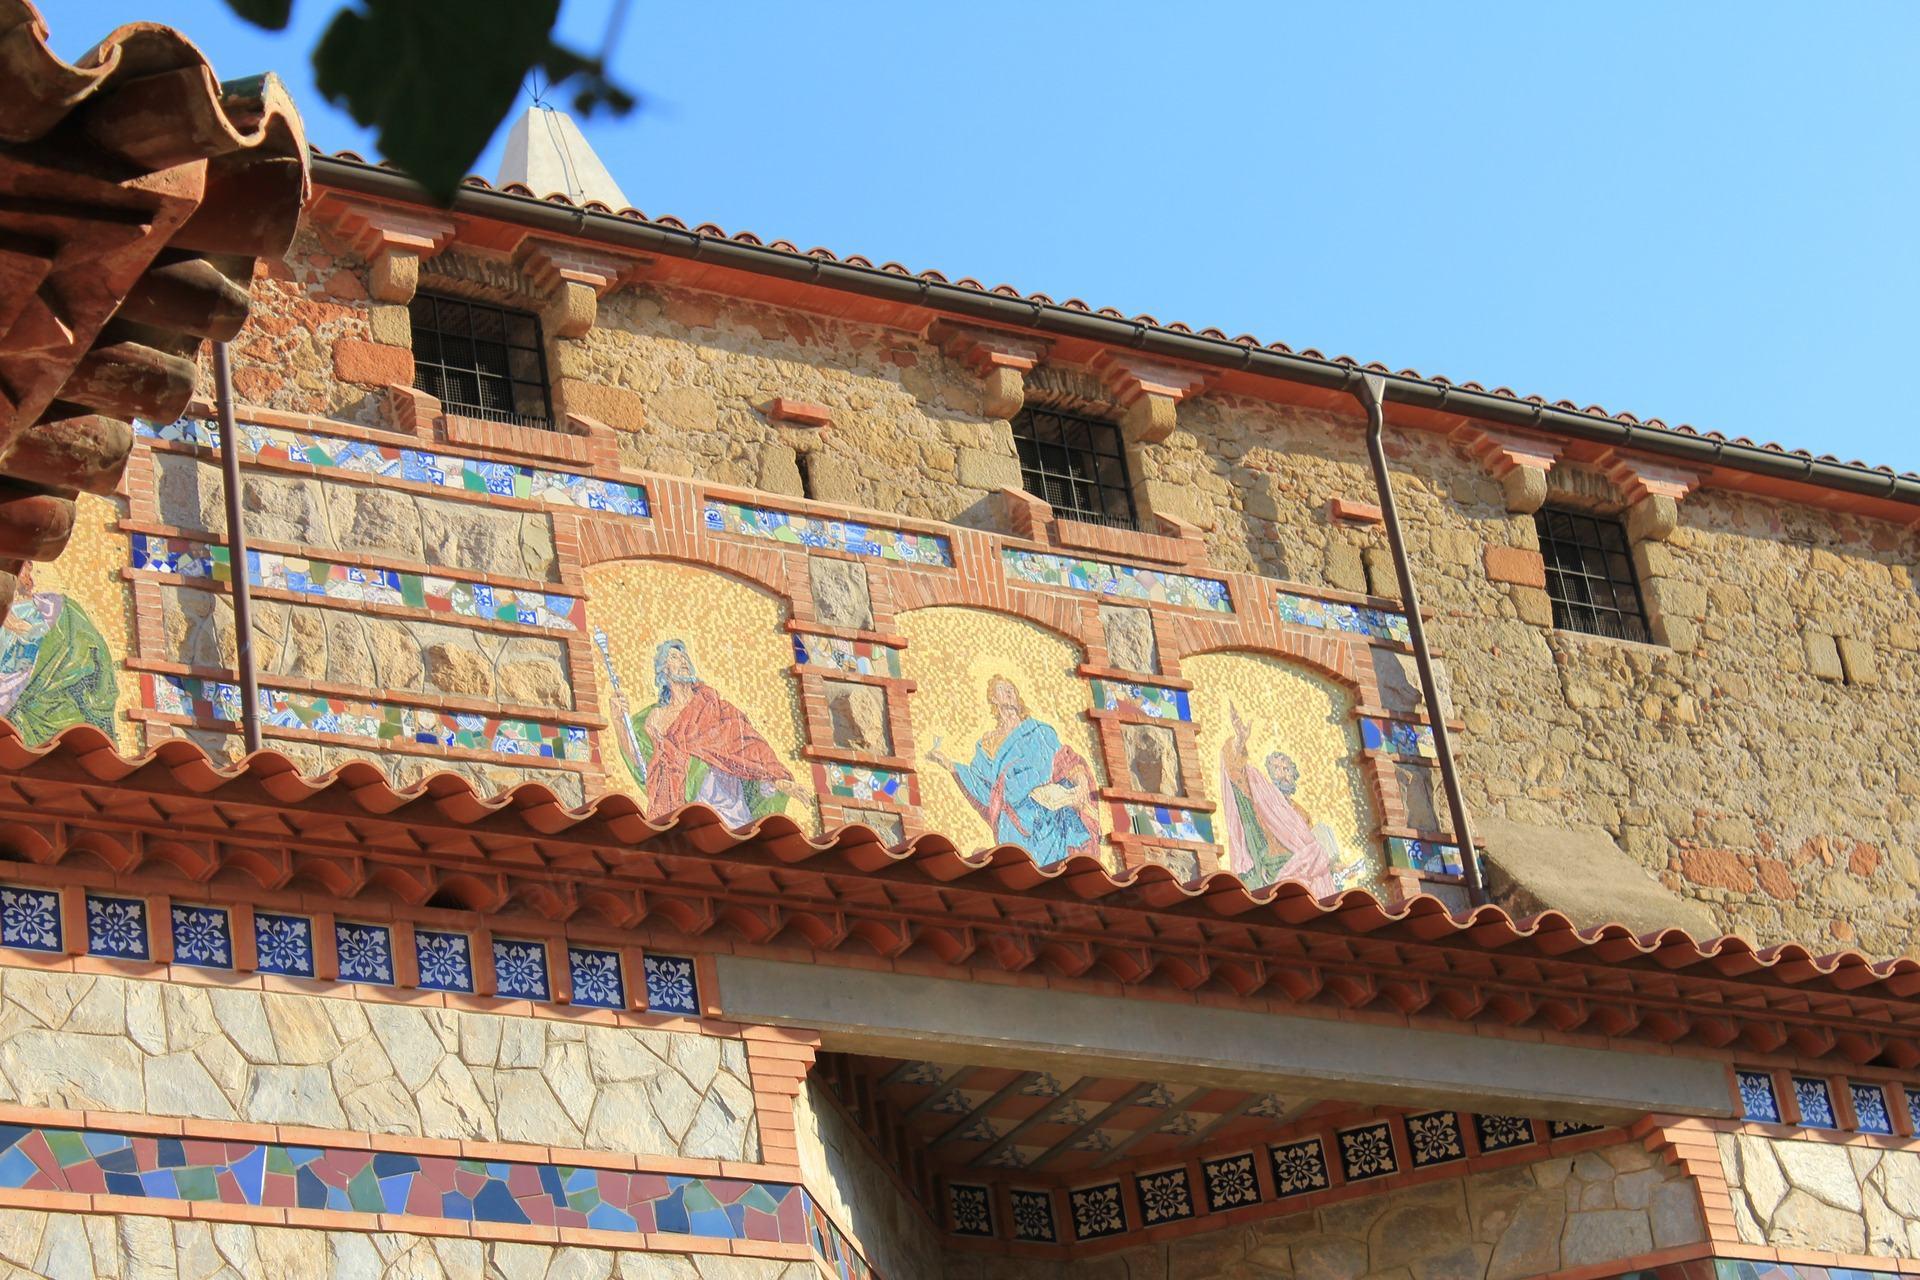 جدار كنيسة في يوريت دي مار